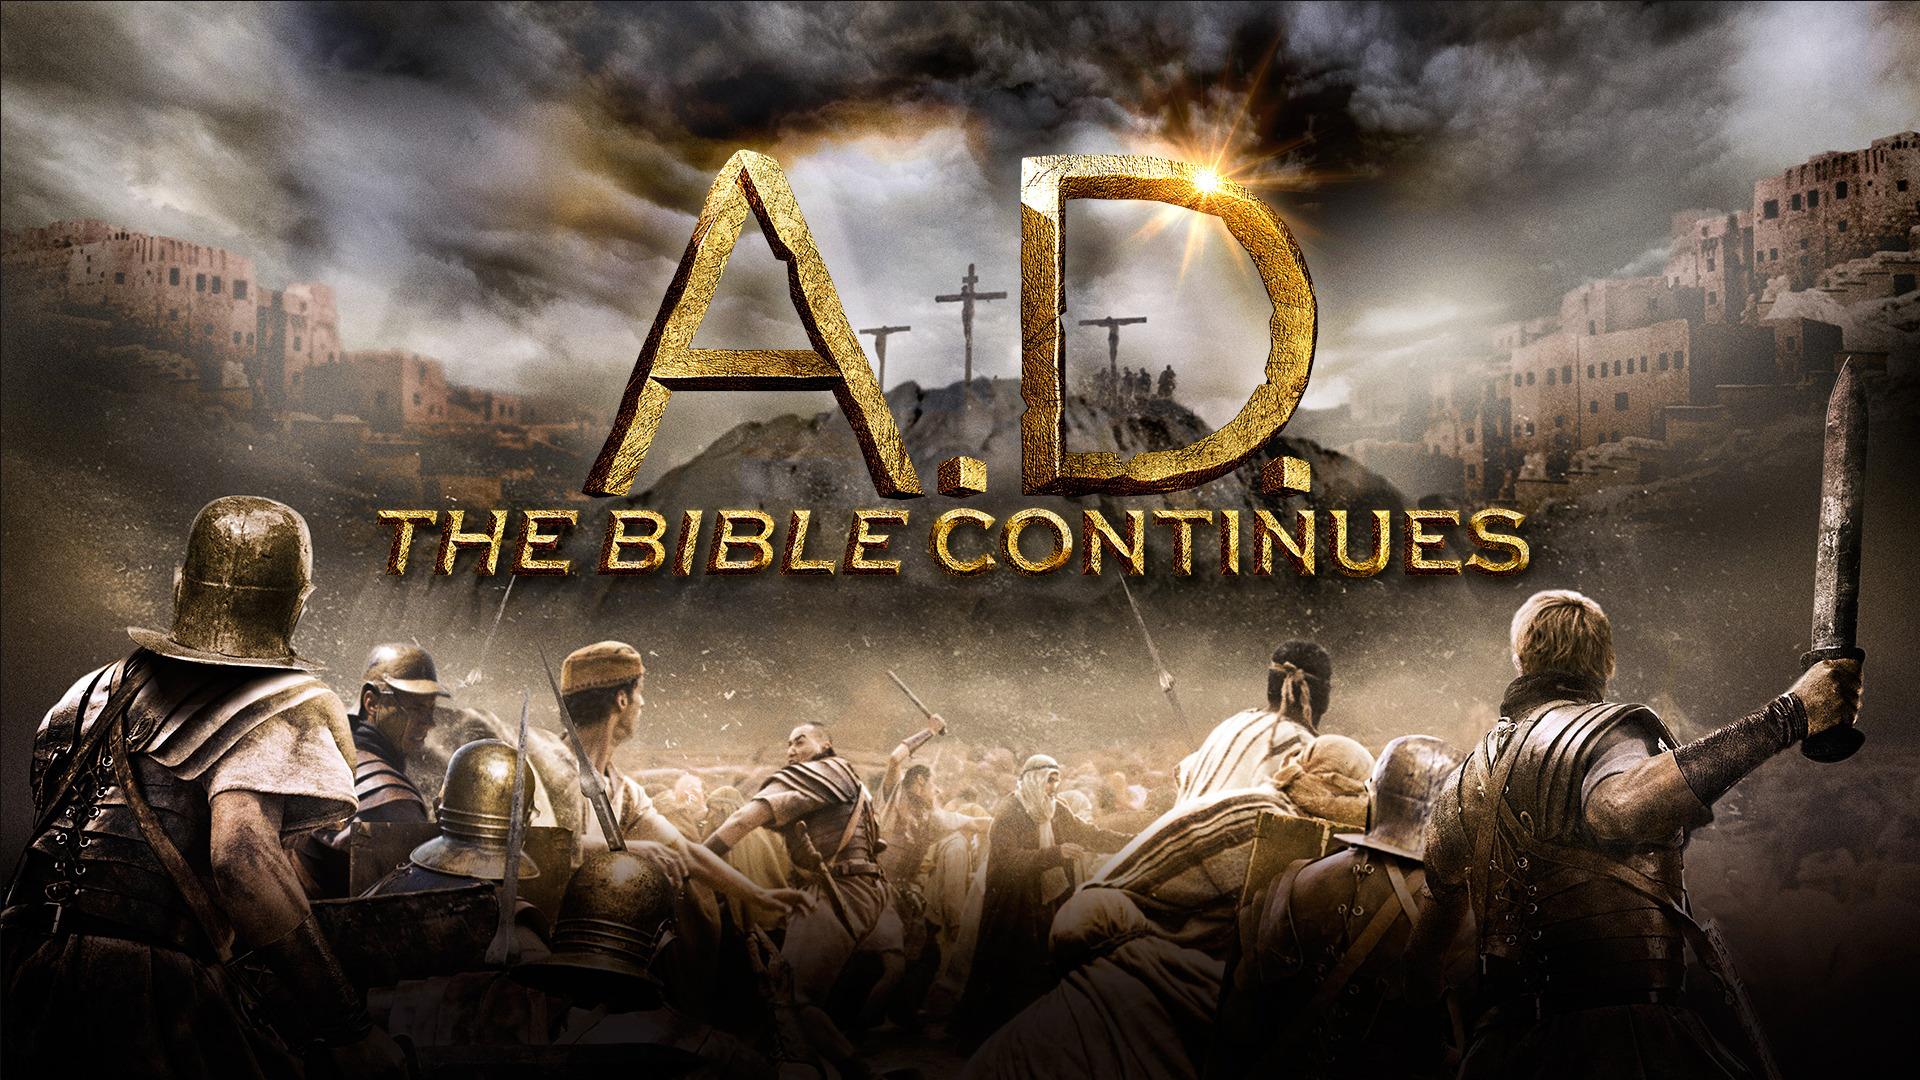 Сериал Наша эра. Продолжение Библии